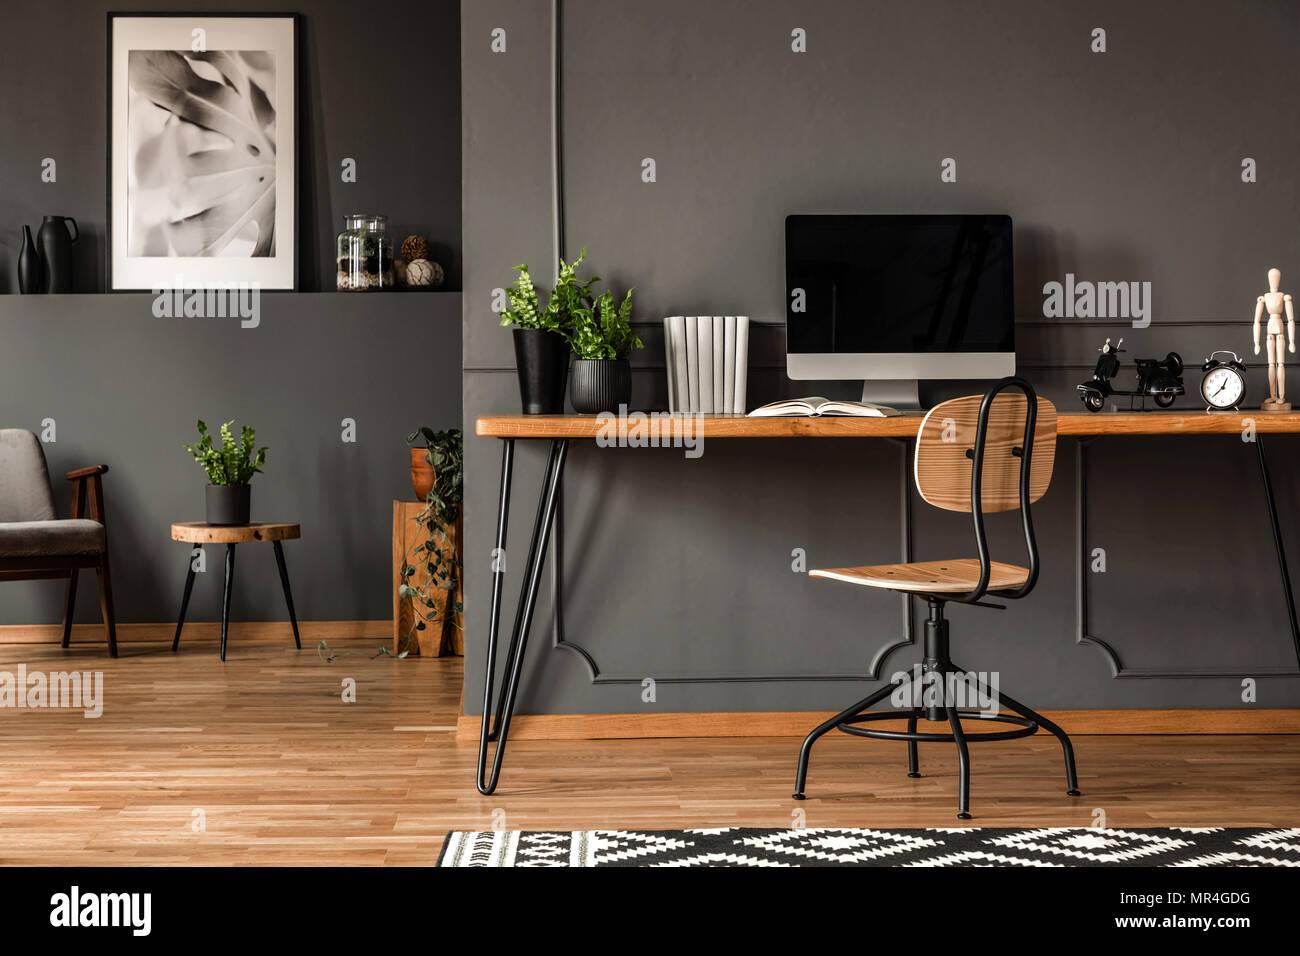 Real Photo von einem offenen Raum mit schwarzen Wänden und Spritzgießen. Arbeitsbereich mit Schreibtisch, Stuhl und Computer im Vordergrund und Wohnzimmer mit Grau Stockbild